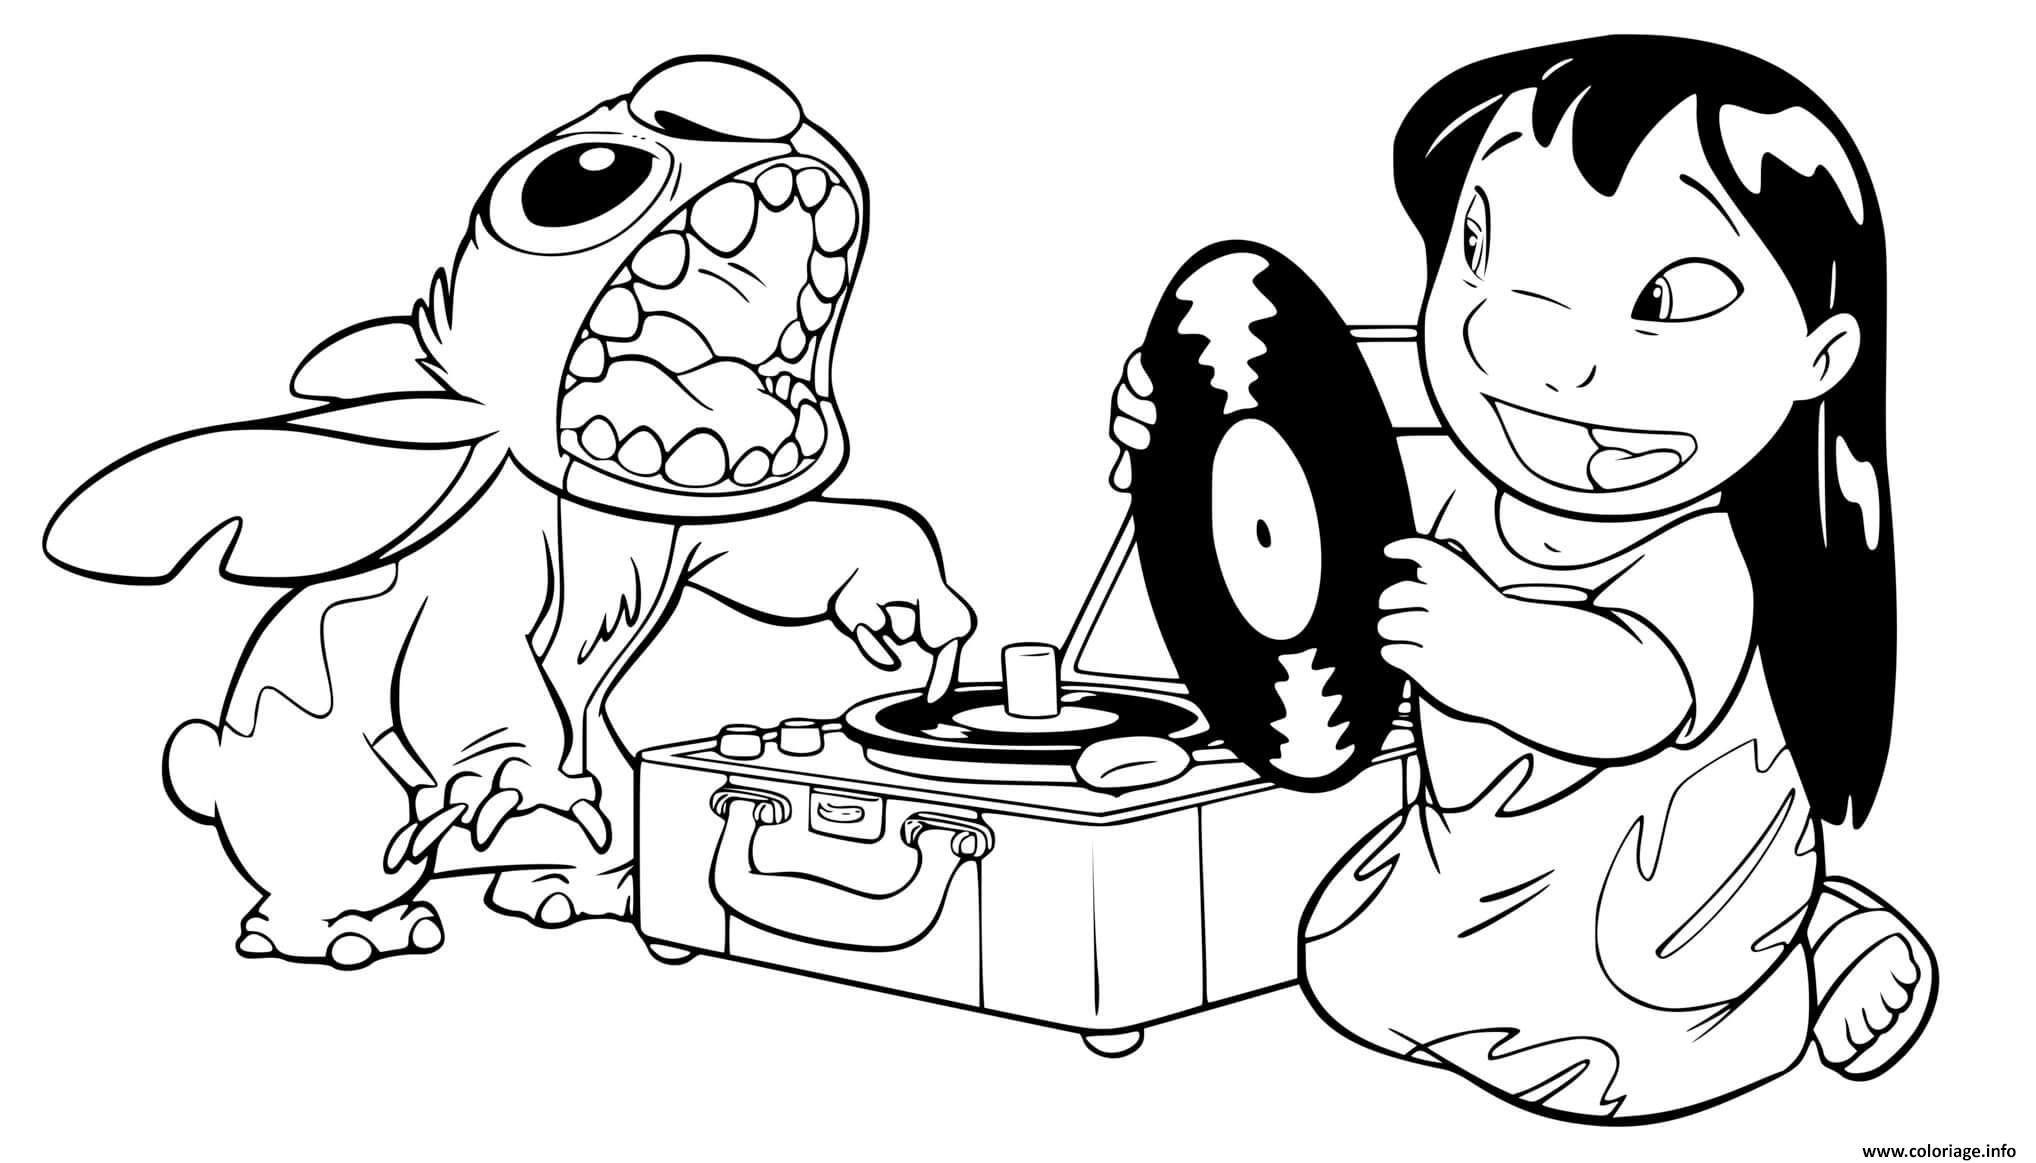 Coloriage stitch et lilo ecoute de la musique - JeColorie.com